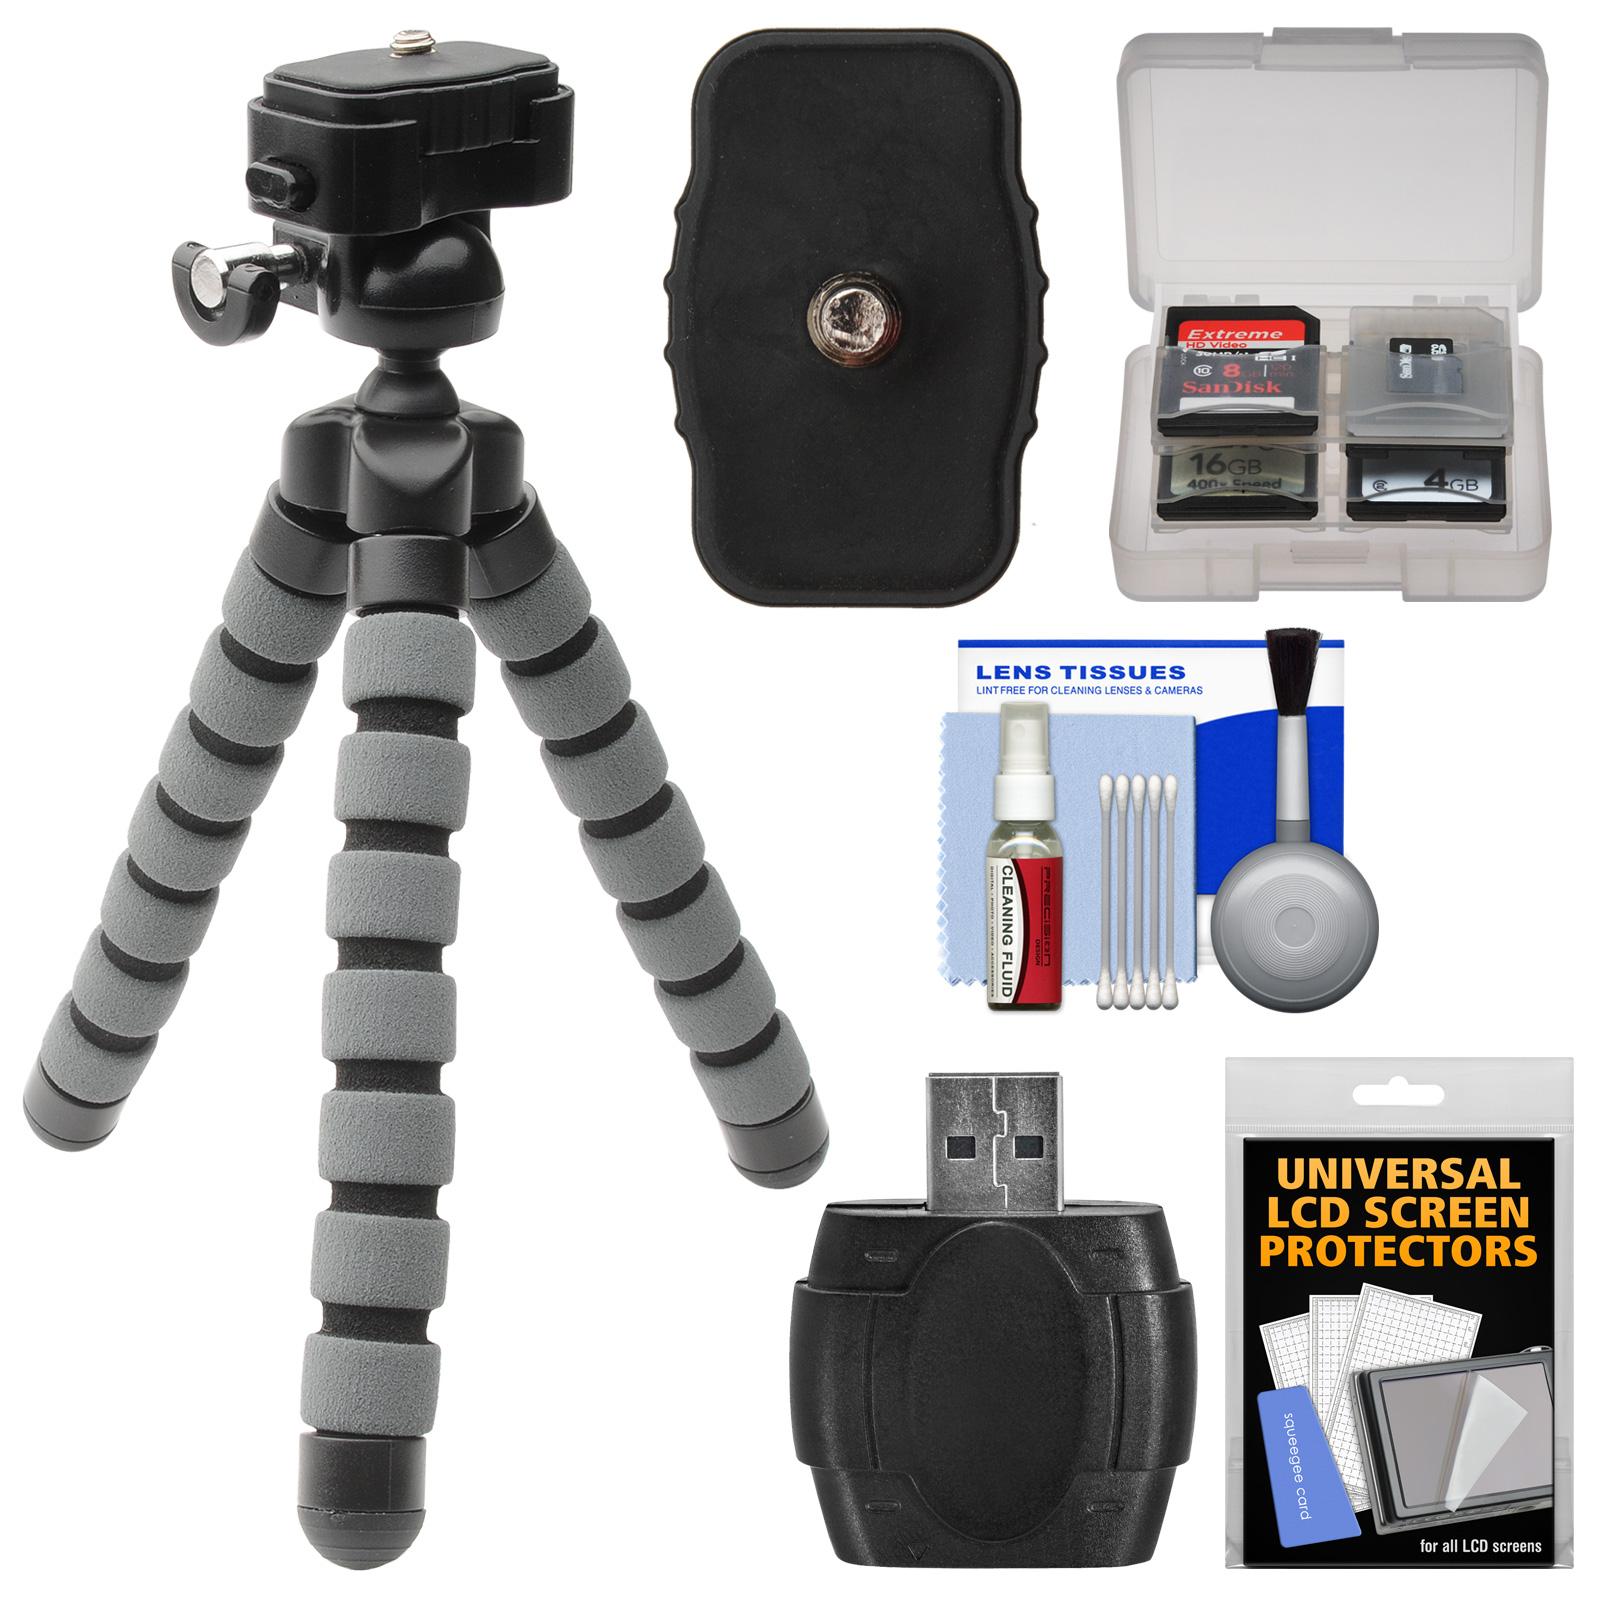 Precision Design PD-T14 Flexible Compact Camera Mini Tripod with Quick Release + Card Reader + Accessory Kit